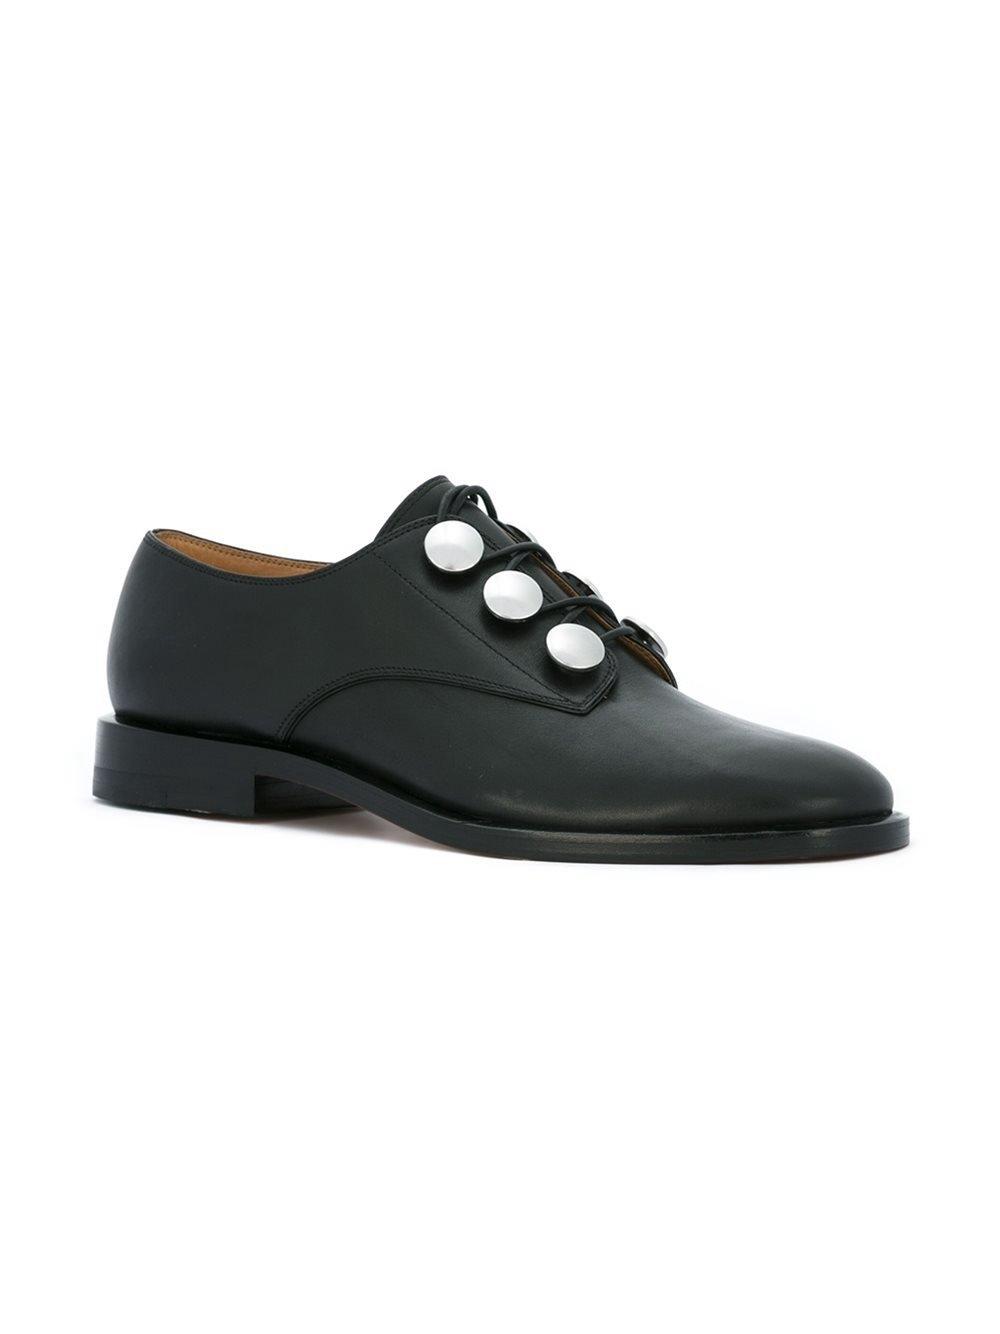 Alexander Wang Matilda Derby Shoes 40